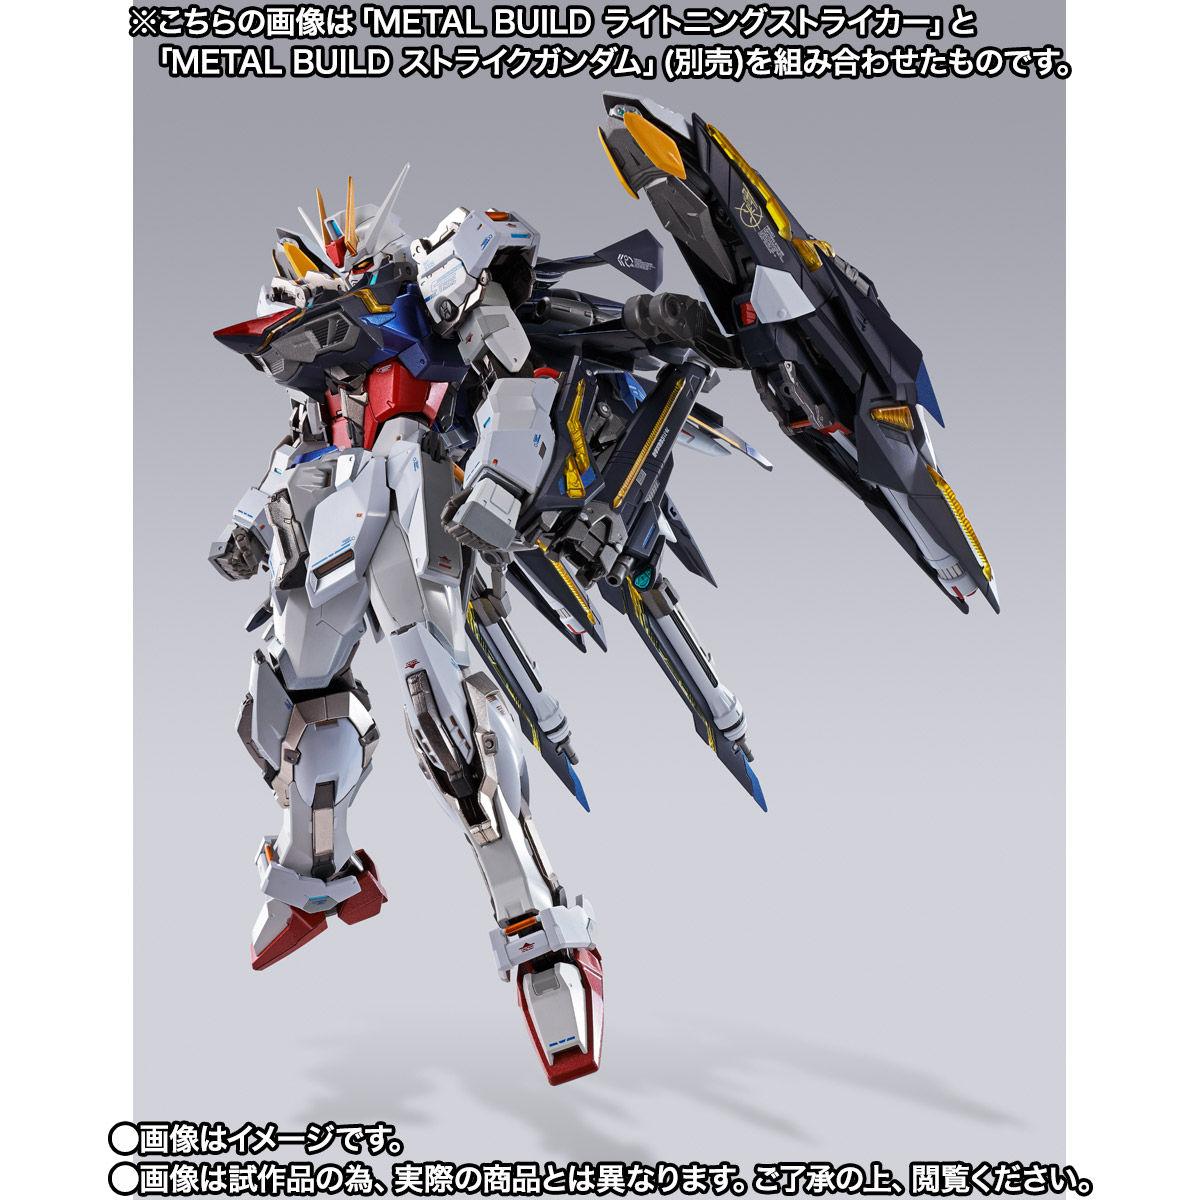 【限定販売】METAL BUILD『ライトニングストライカー』機動戦士ガンダムSEED 可動フィギュア-002